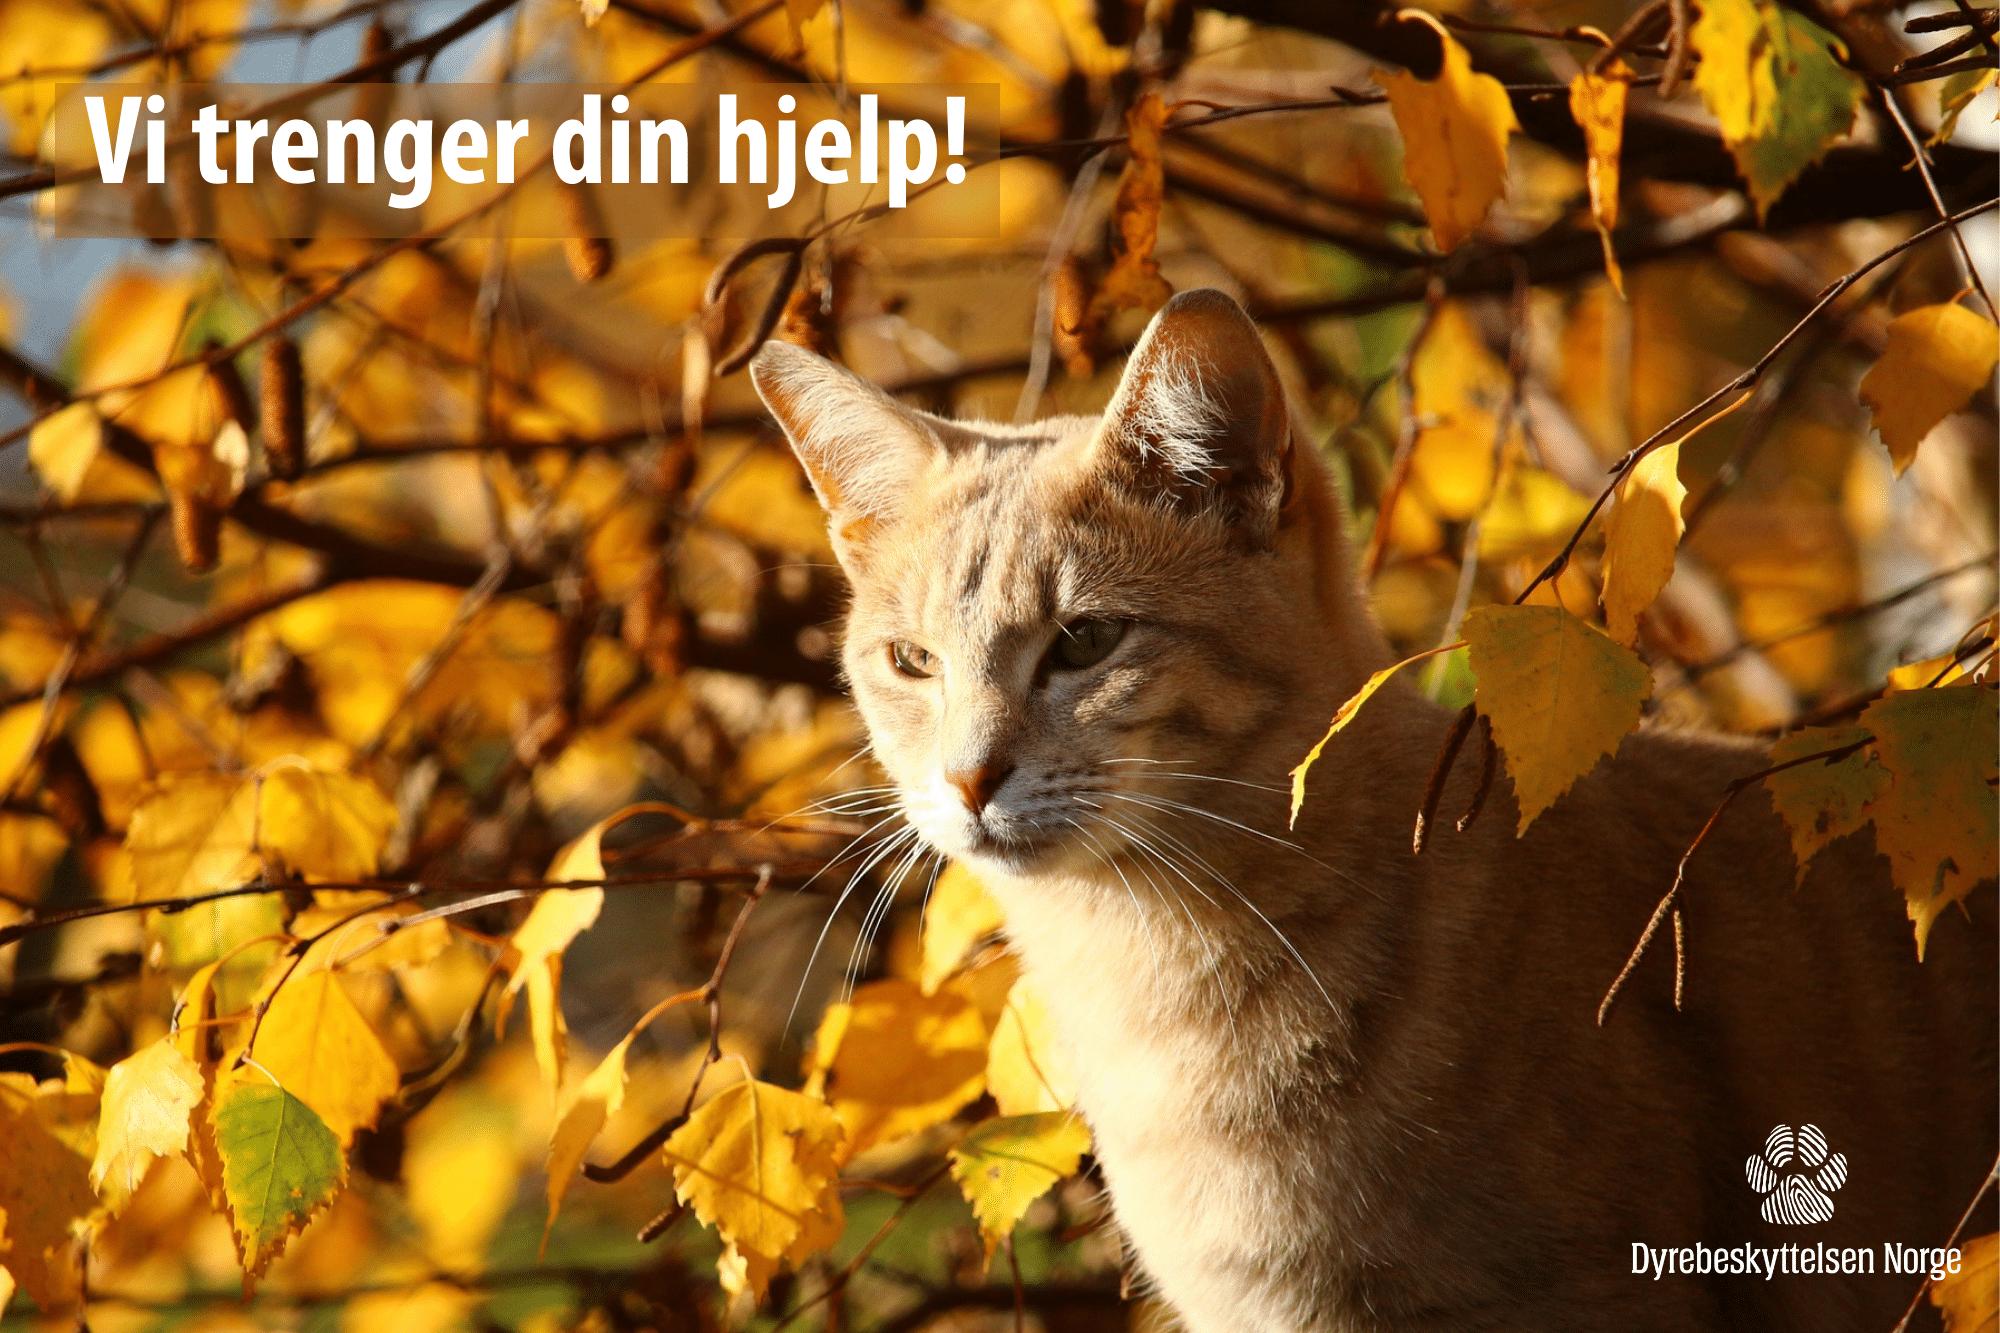 Katt i høstsola. Foto: Pixabay.com